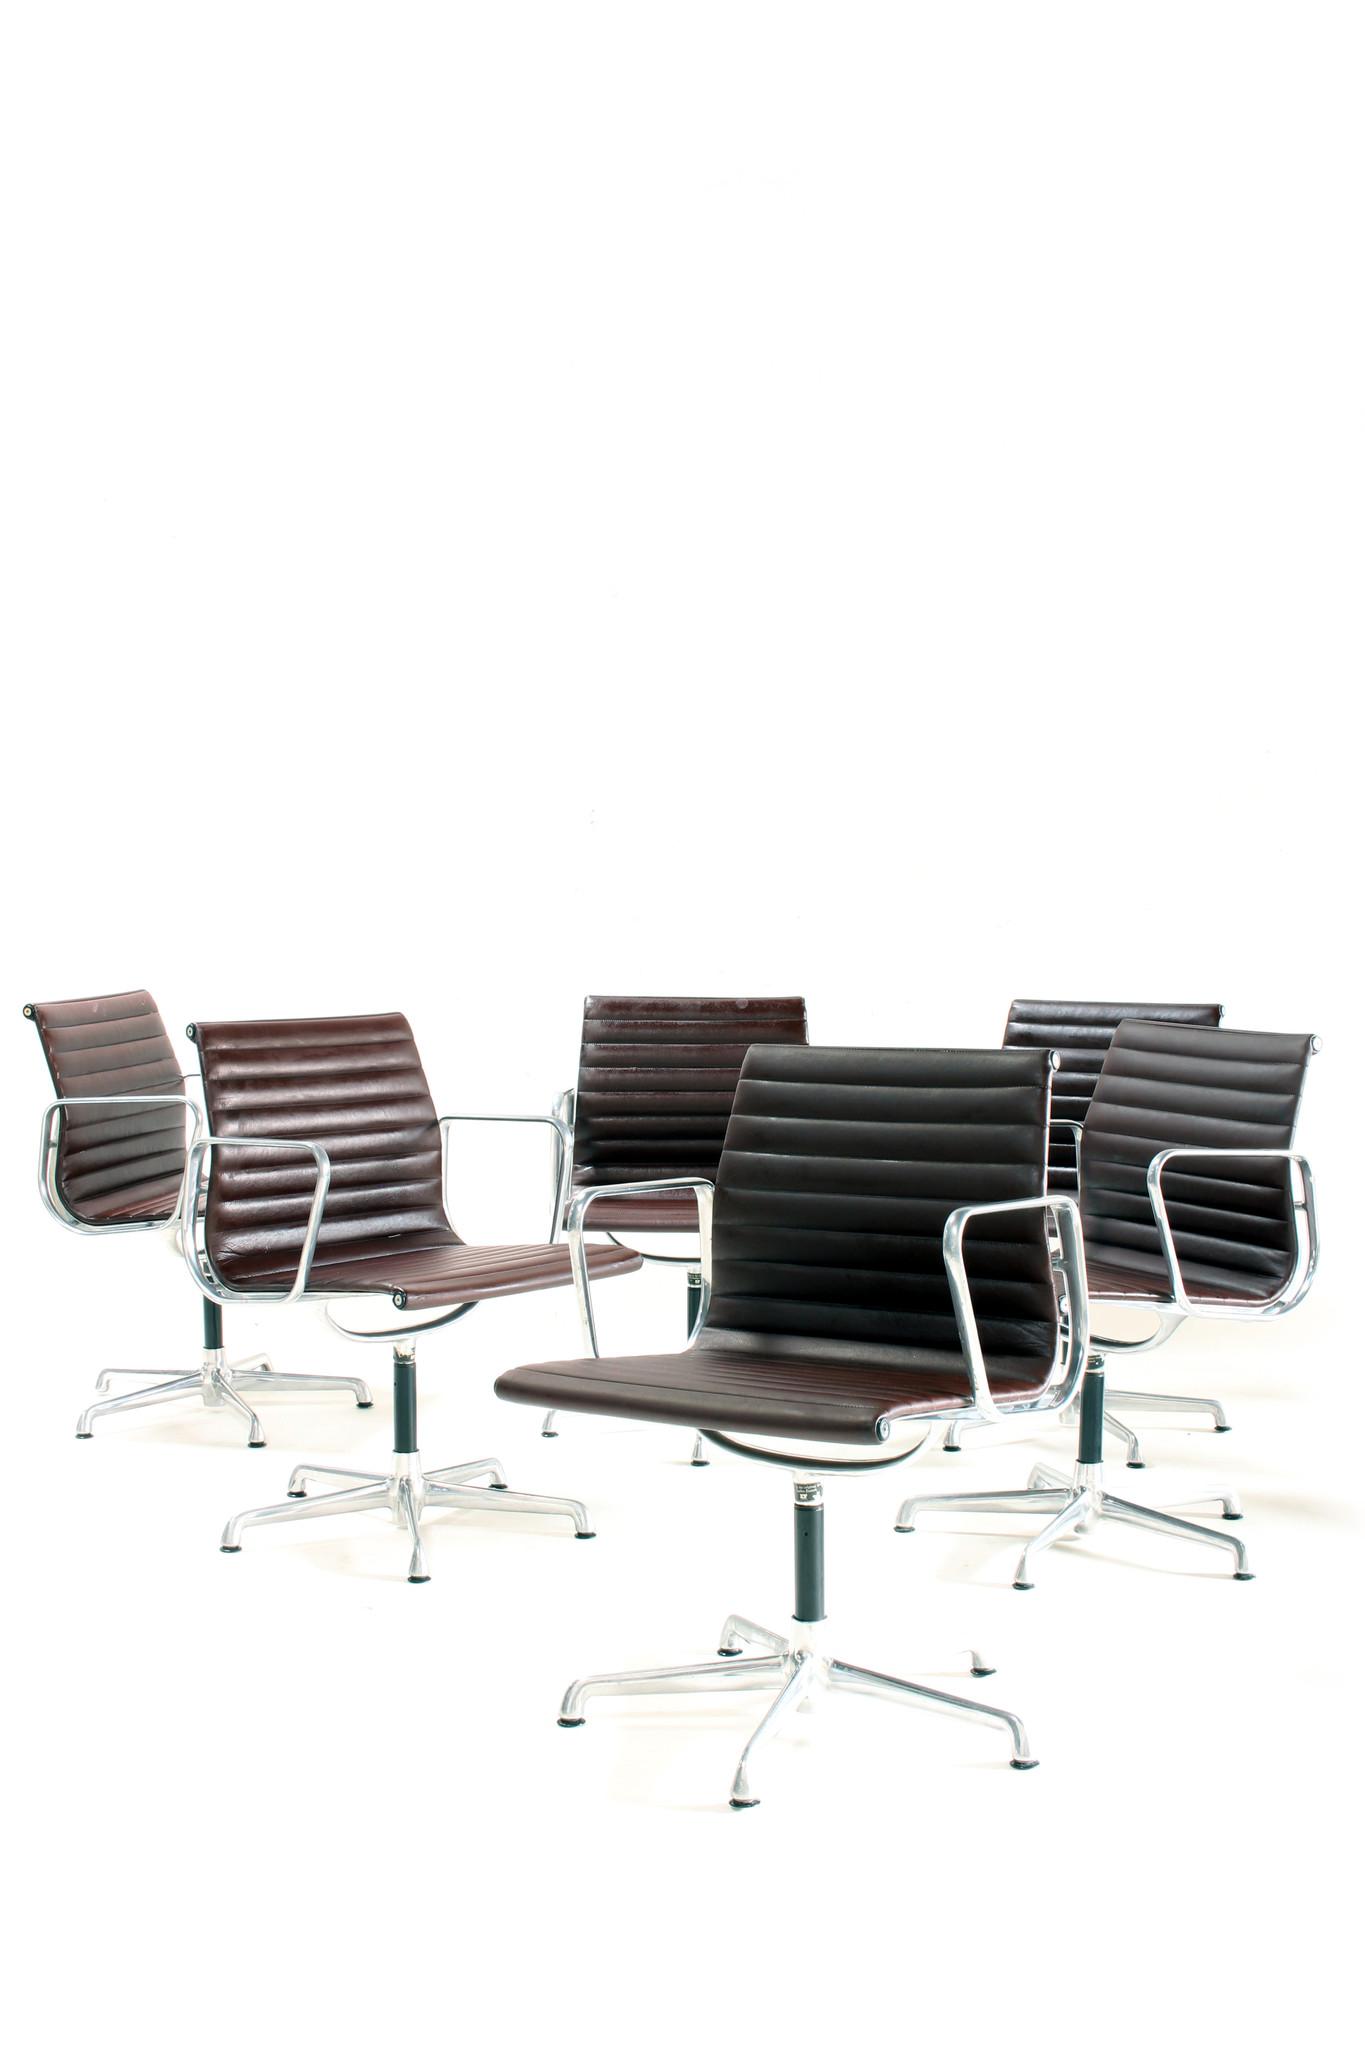 Vintage Charles Eames stoelen EA108 in leder